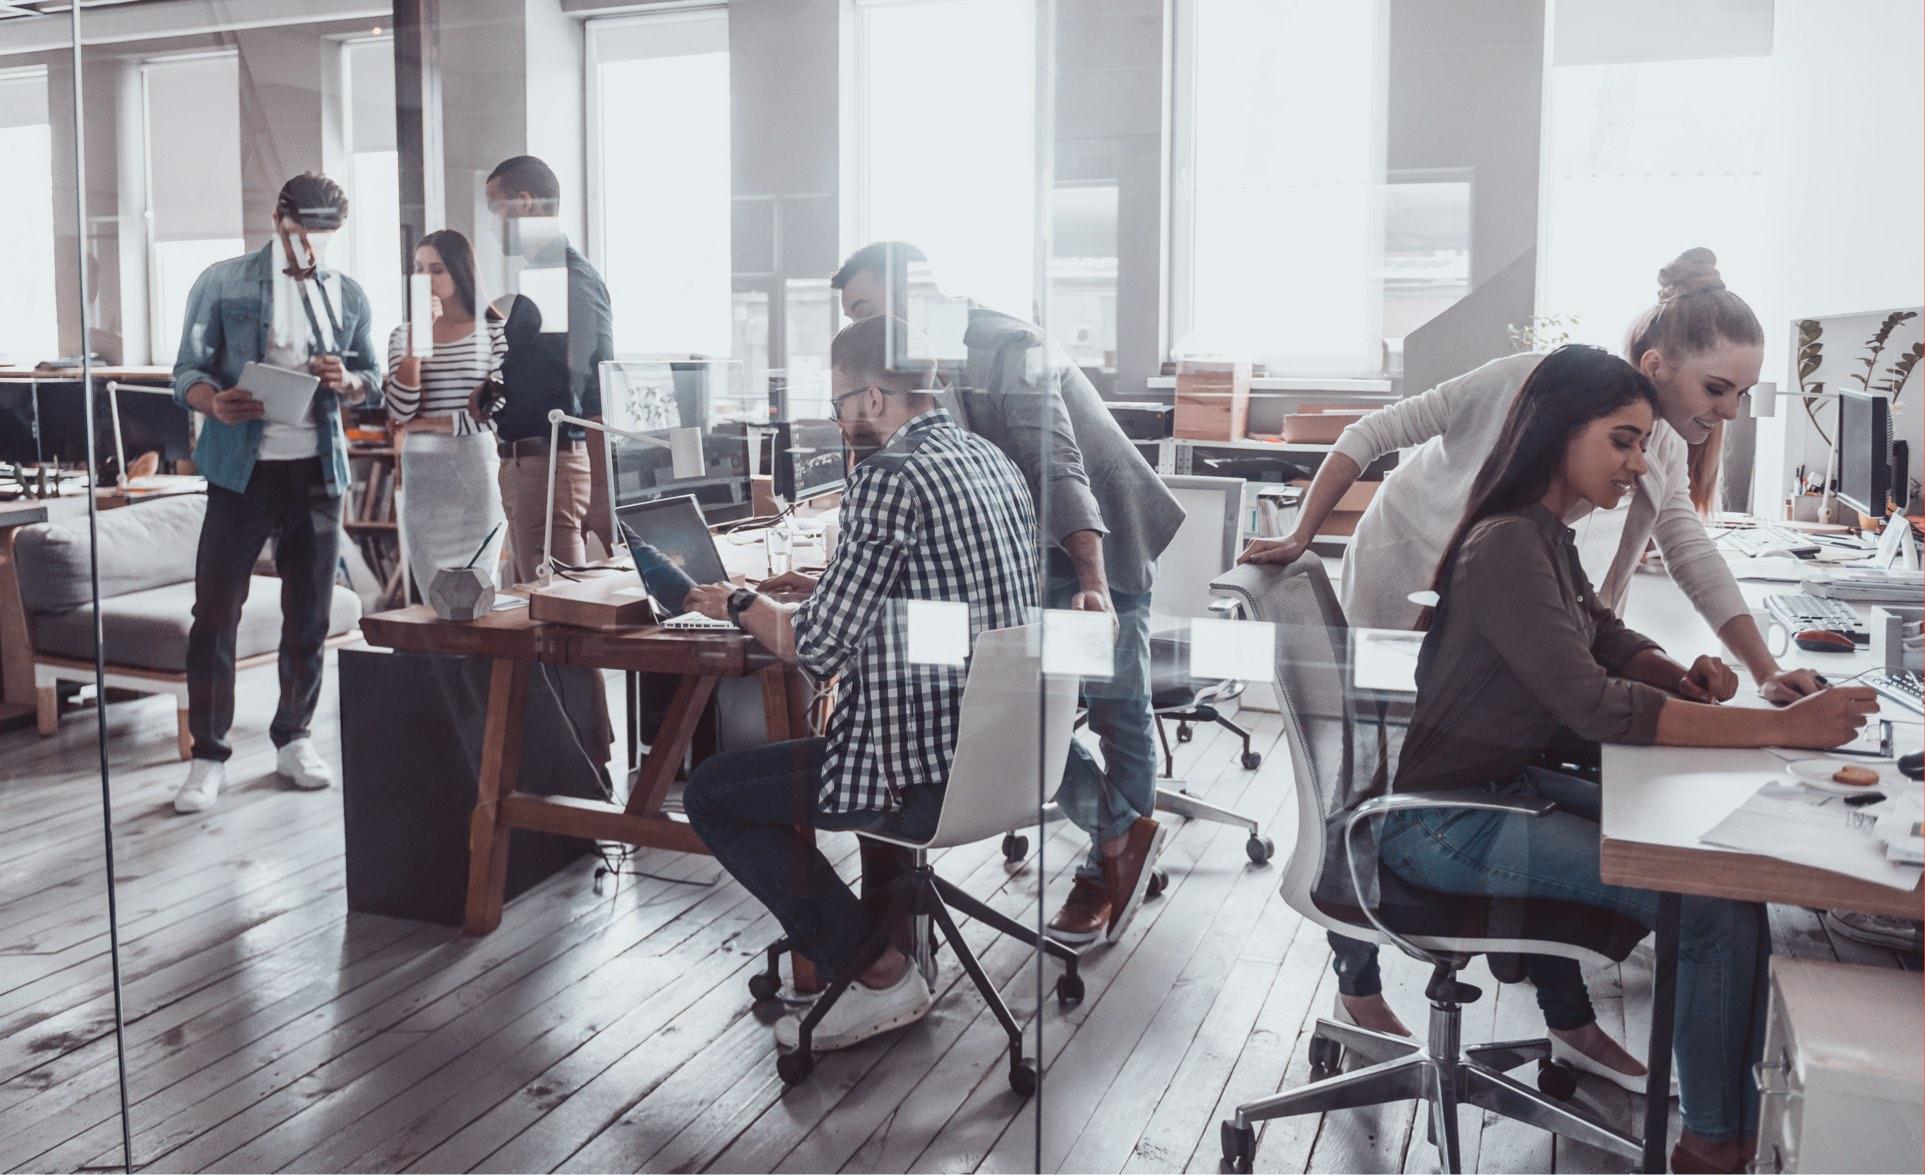 Agencja Interaktywna - tworzenie stron internetowych to ich specjalizacja.